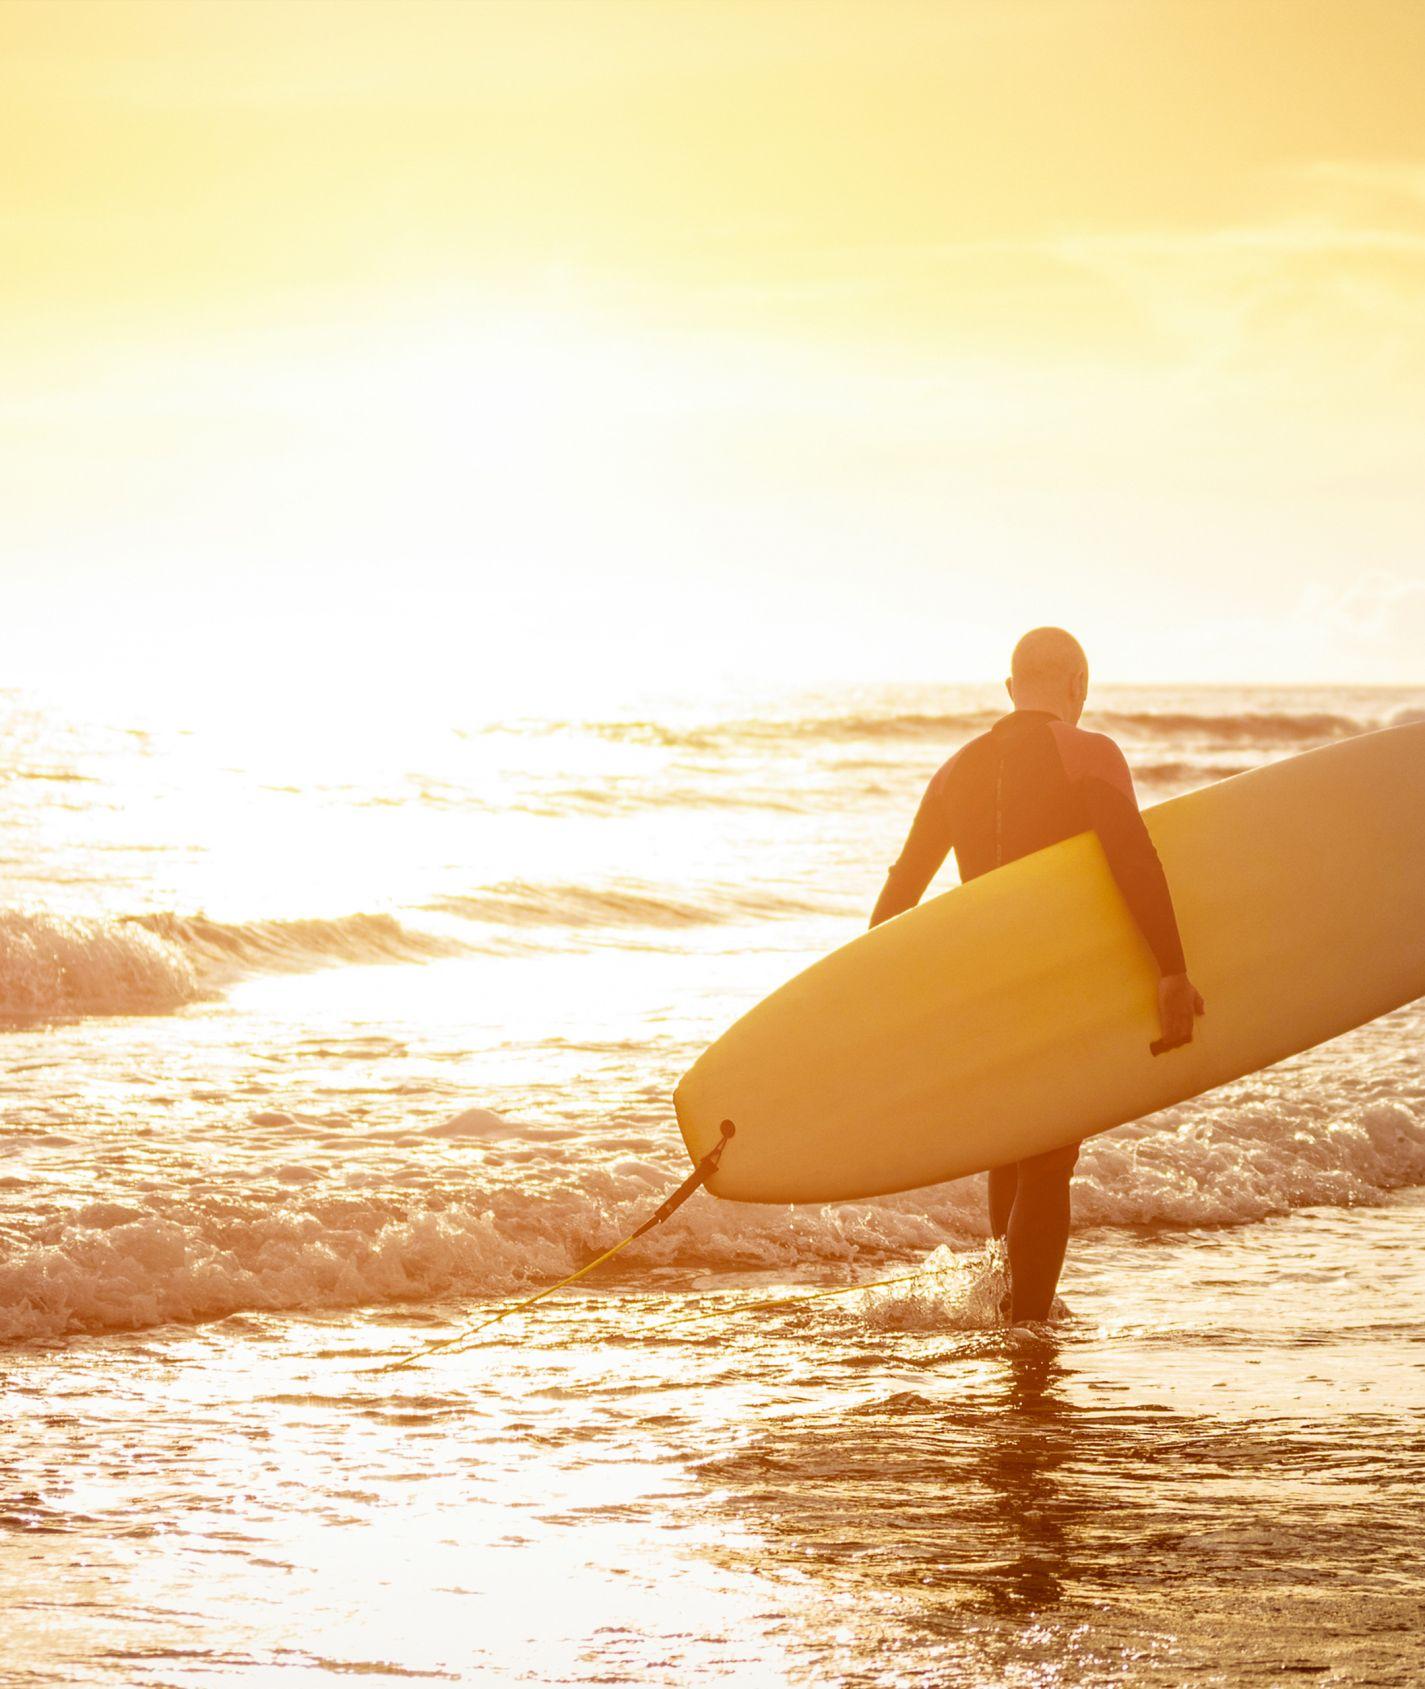 Mann mit Surfboard geht ins Meer bei Sonnenschein.